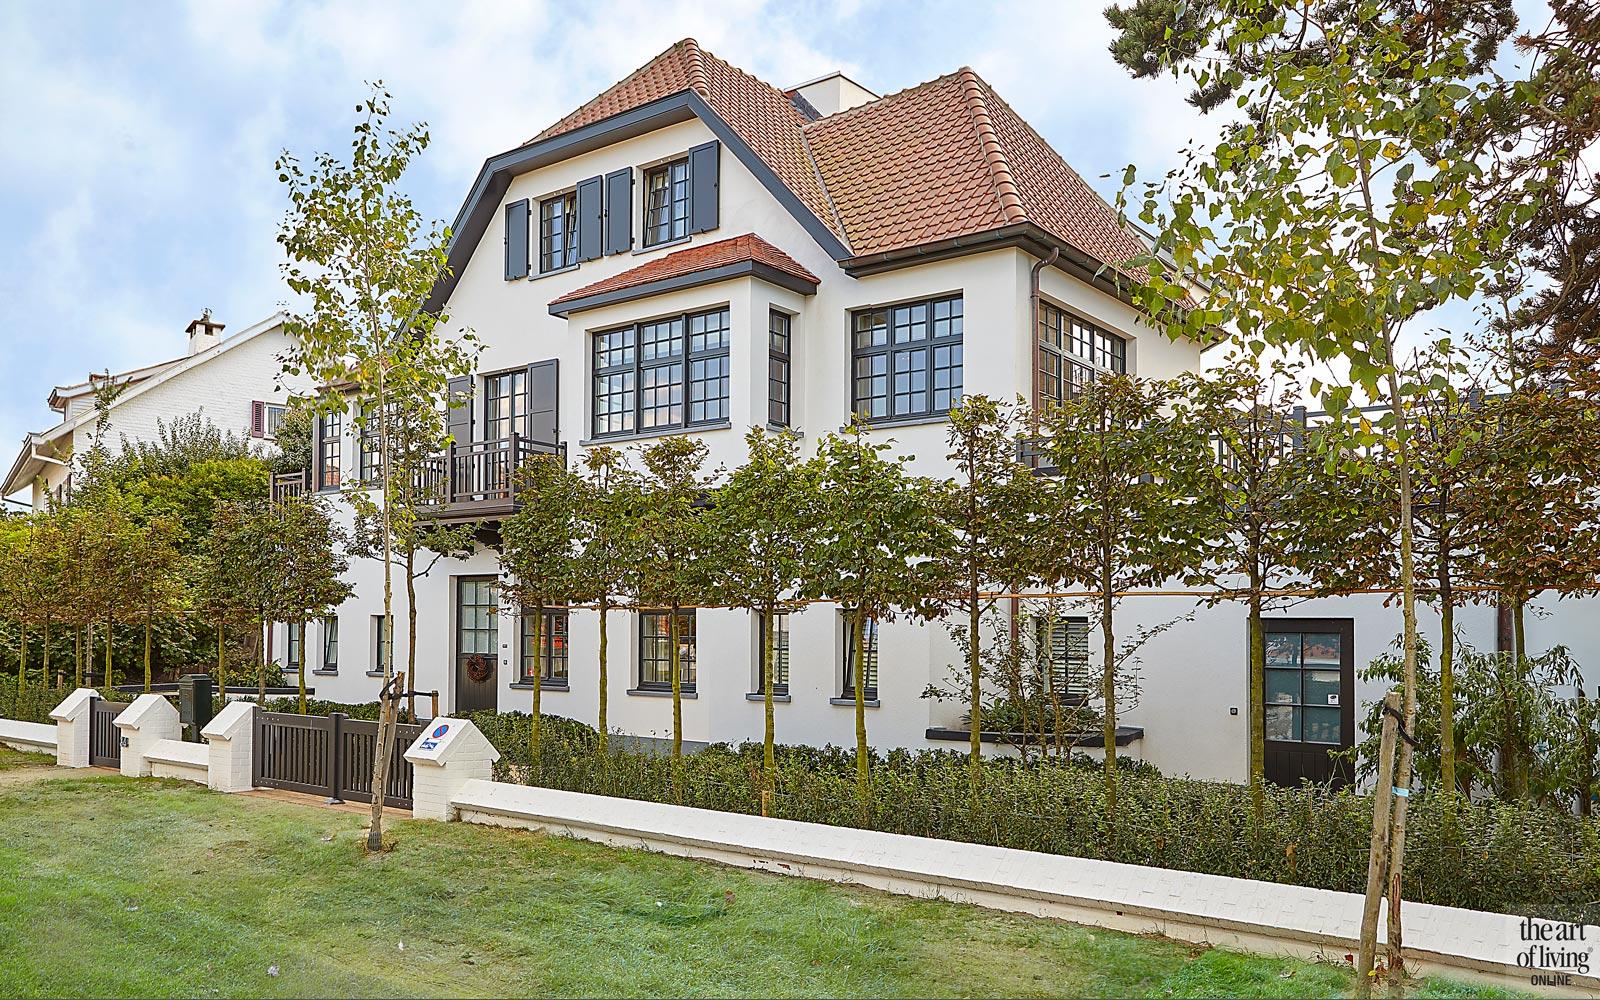 Villa, Woning met authentiteit, the art of living, top 5 klassieke villa's